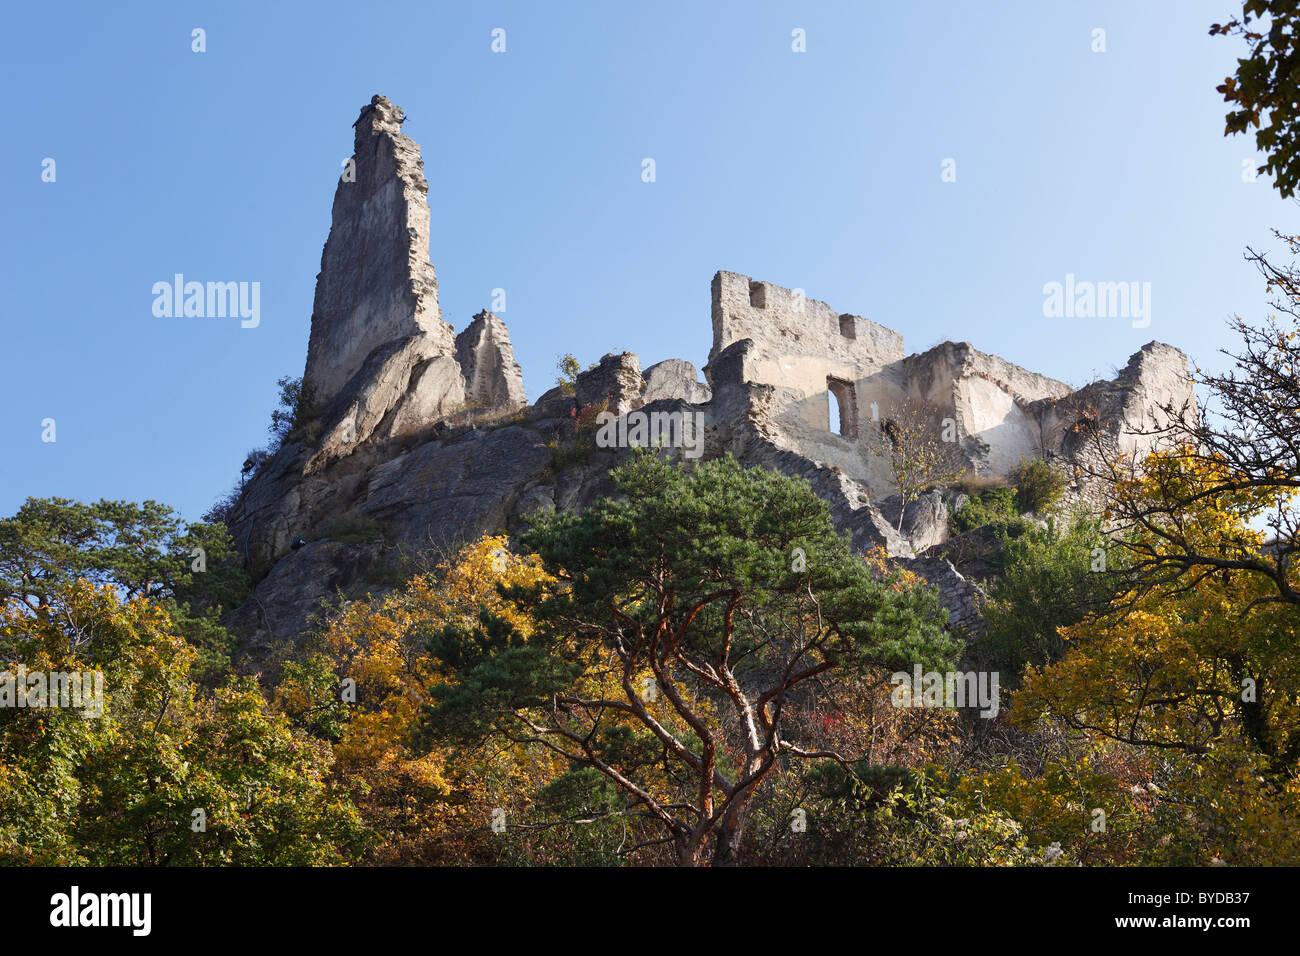 Burgruine Duernstein castle ruins, Wachau, Waldviertel, Niederoesterreich, Oesterreich, Europa - Stock Image